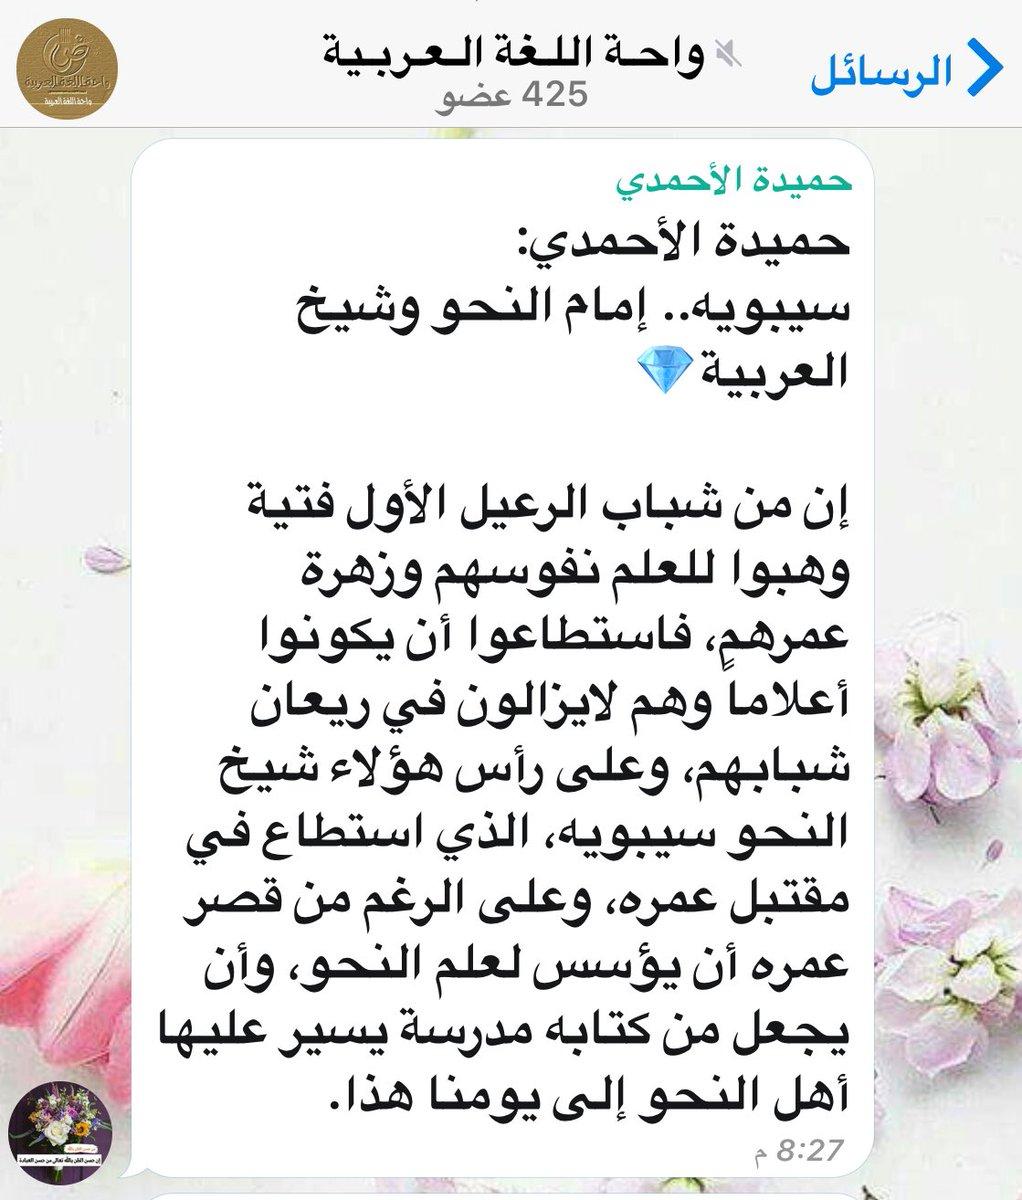 واحةاللغةالعربية Hashtag On Twitter